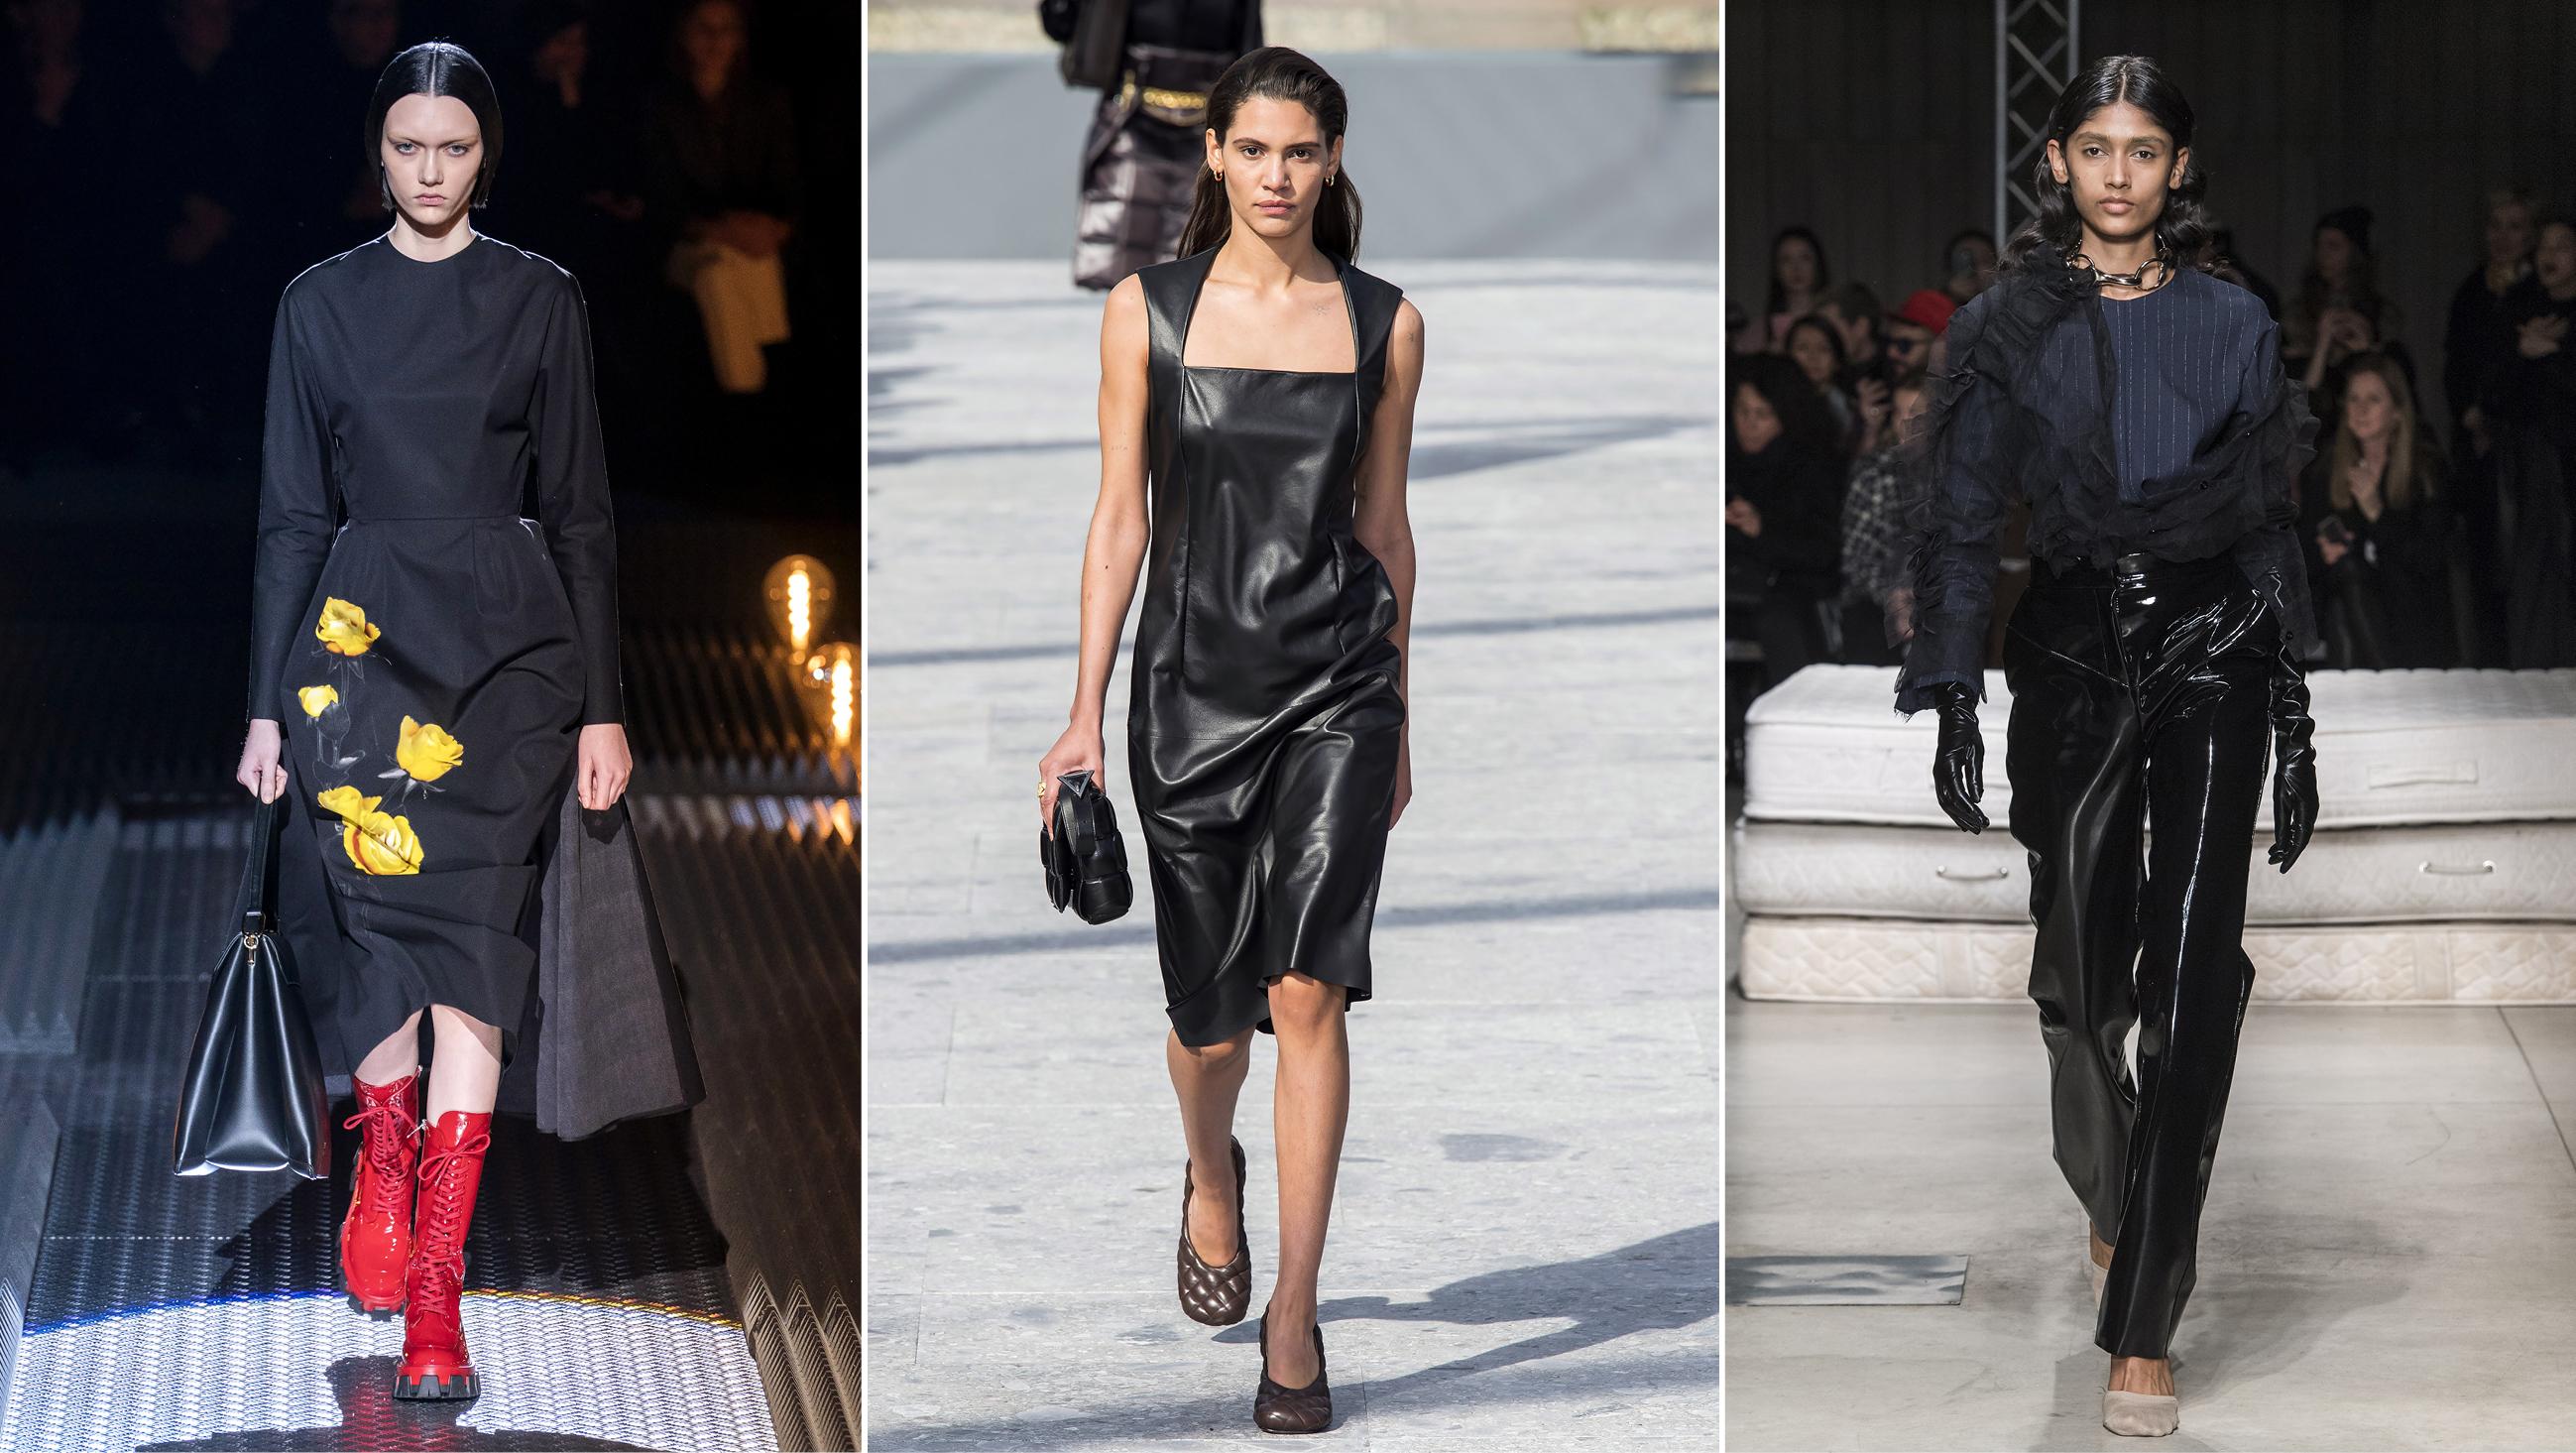 I buyer a Milano Moda Donna   Bottega Veneta e Prada mescolano  grunge-glam-minimal e vincono c333319b9e9